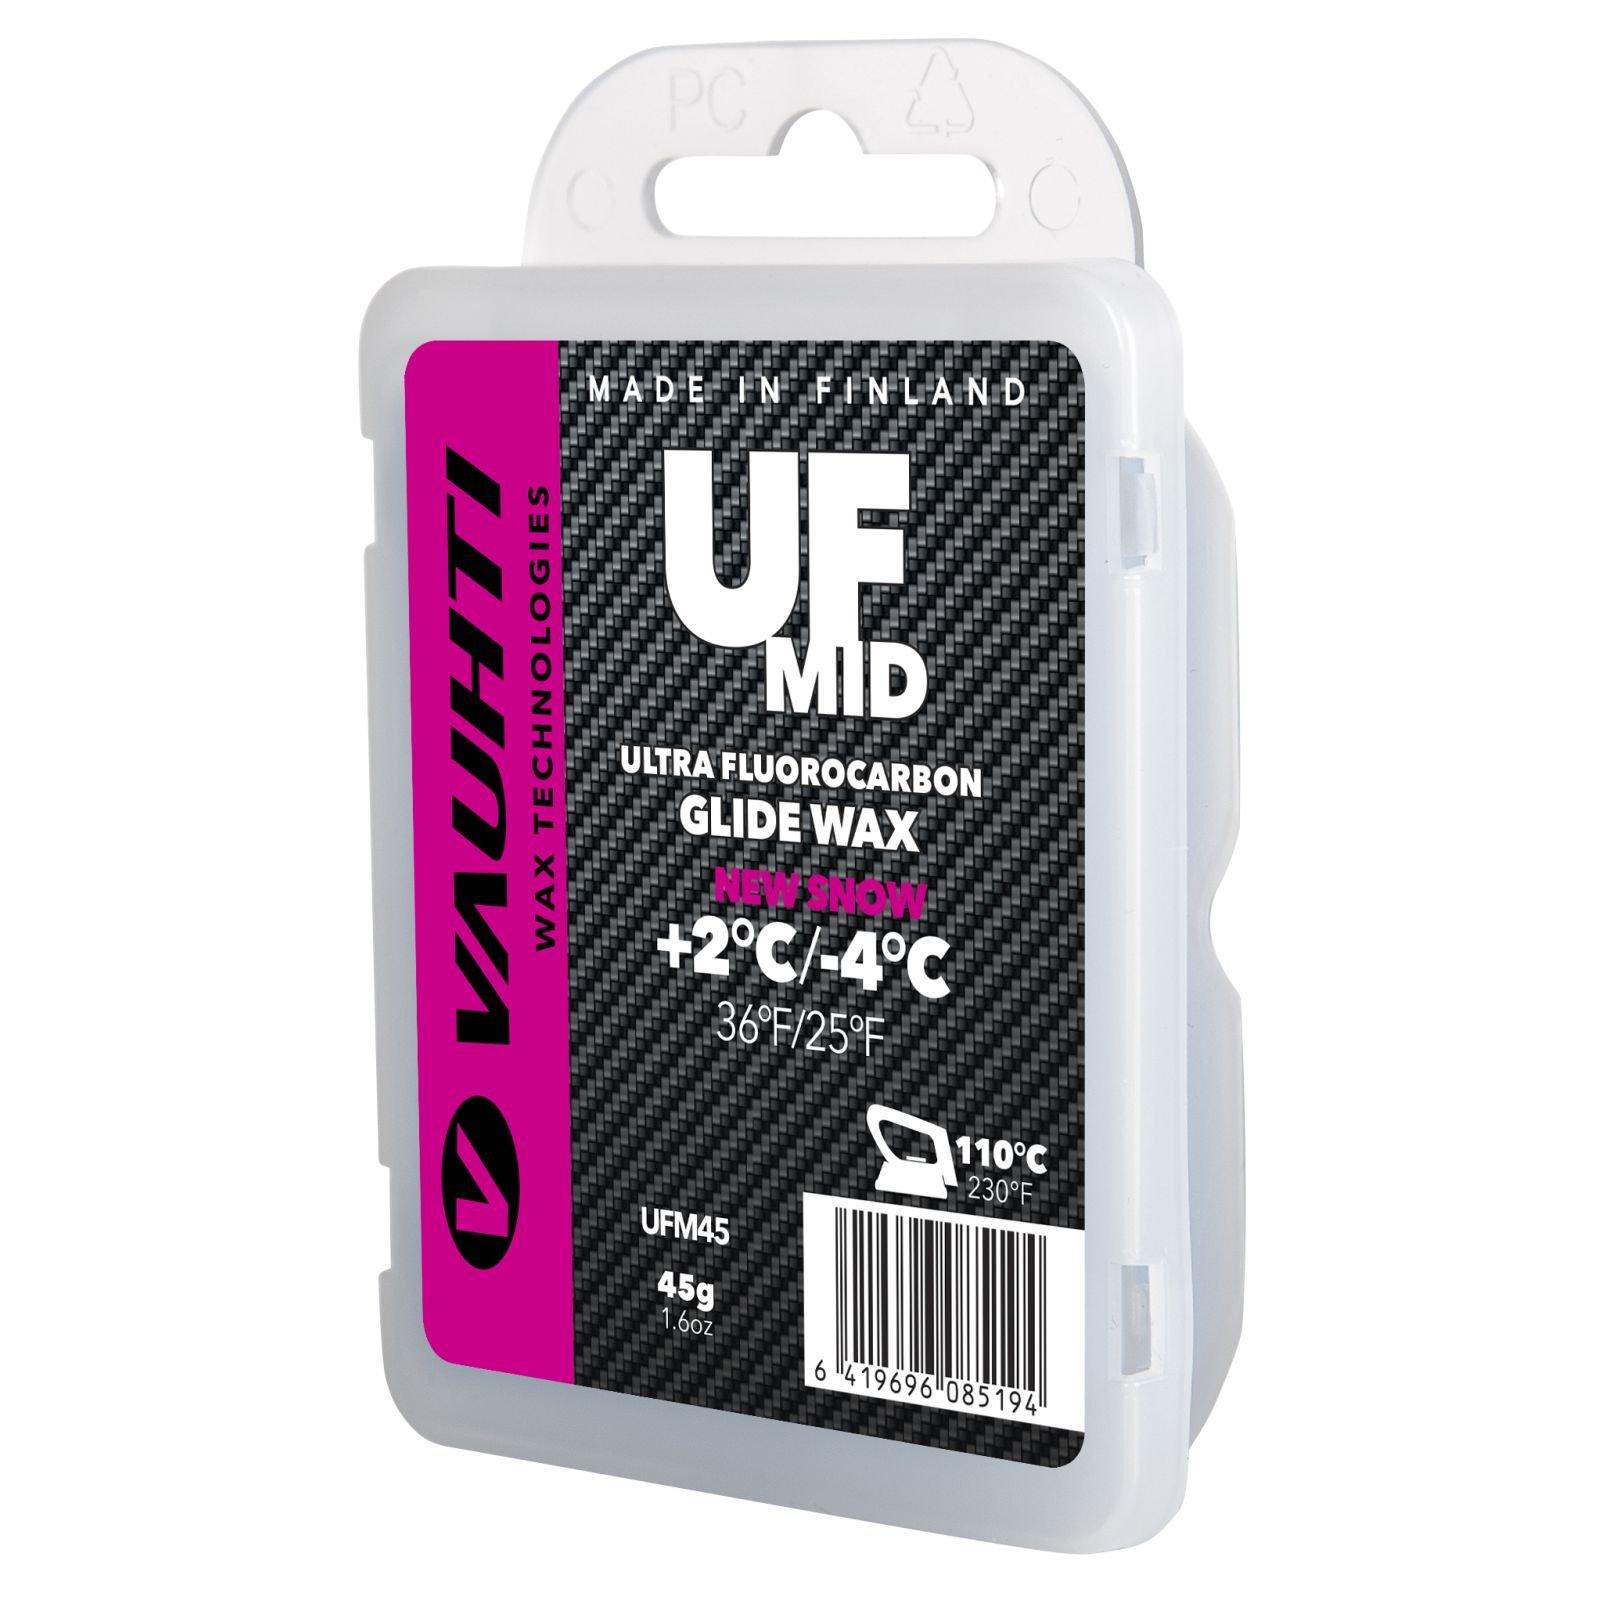 Vauhti Ultra Fluor Mid Glide Wax by Vauhti